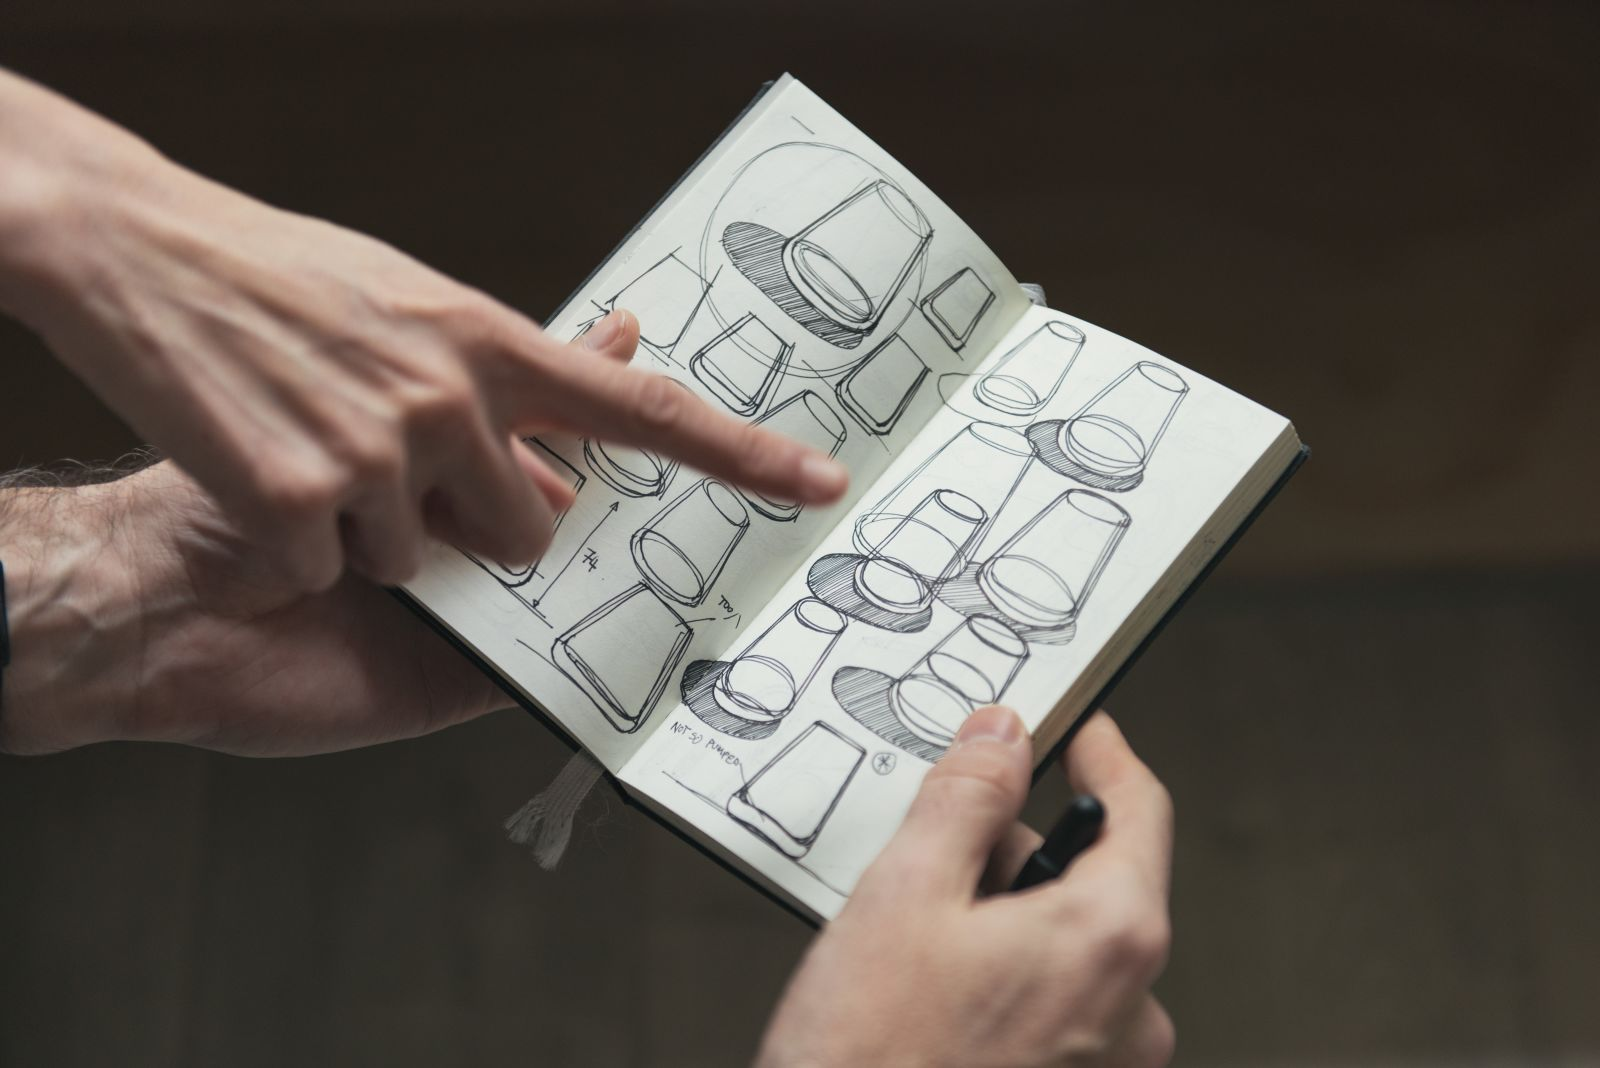 產品設計師隨身攜帶的草圖本